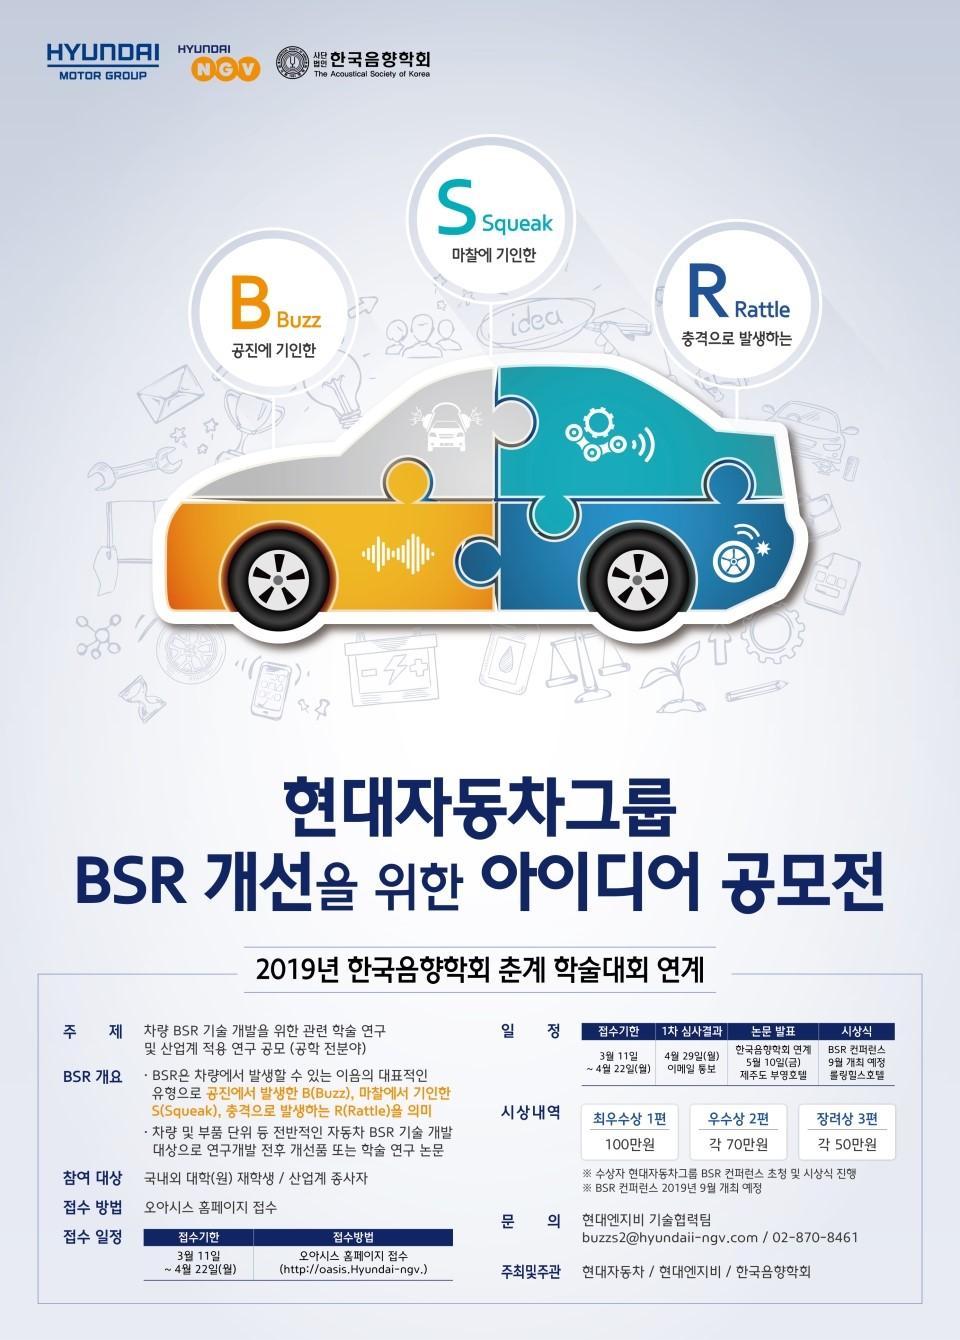 [현대자동차그룹] 2019년 BSR 개선을 위한 아이디어 공모전 (~04/22)